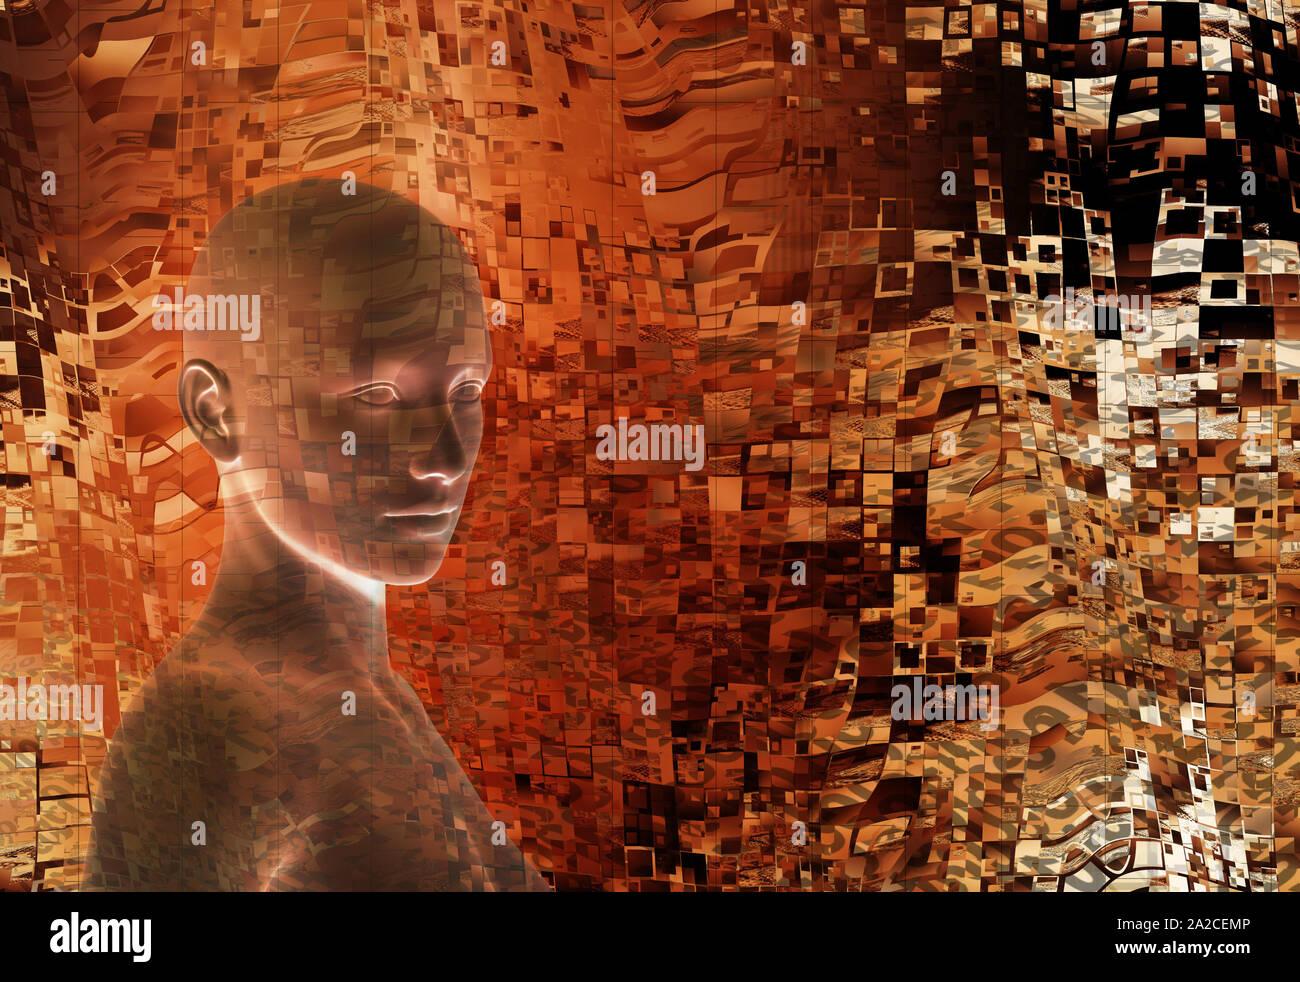 Humanoiden Kopf als Konzept für Künstliche Intelligenz, zukünftige Generationen von Menschen, Technologie, Singularität, cyberlife und digital erstellte Personas Stockfoto